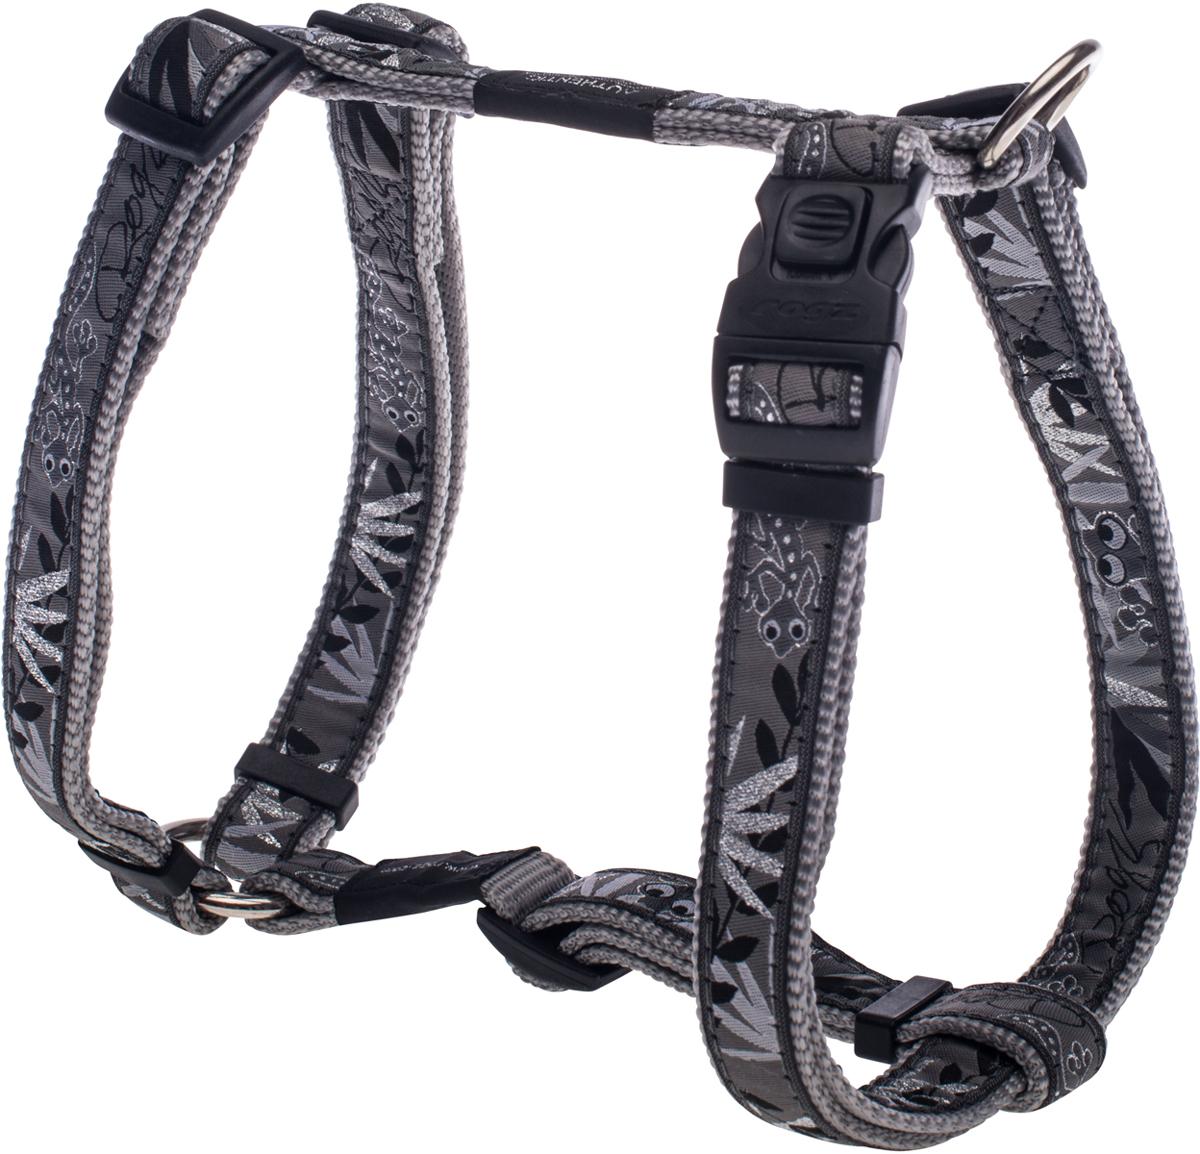 Шлейка для собак Rogz Fancy Dress, цвет: серый, ширина 2 см0120710Шлейка для собак Rogz Fancy Dress имеет необычный дизайн. Широкая гамма потрясающе красивых орнаментов на прочной тесьме поверх нейлоновой ленты украсит вашего питомца.Застегивается, не доставляя неудобство собаке.Специальная конструкция пряжки Rog Loc - очень крепкая(система Fort Knox). Замок может быть расстегнут только рукой человека.С помощью системы ремней изделие подгоняется под животного индивидуально.Необыкновенно крепкая и прочная шлейка.Выполненные по заказу литые кольца выдерживают значительные физические нагрузки и имеют хромирование, нанесенное гальваническим способом, что позволяет избежать коррозии и потускнения изделия.Легко можно прикрепить к ошейнику и поводку.